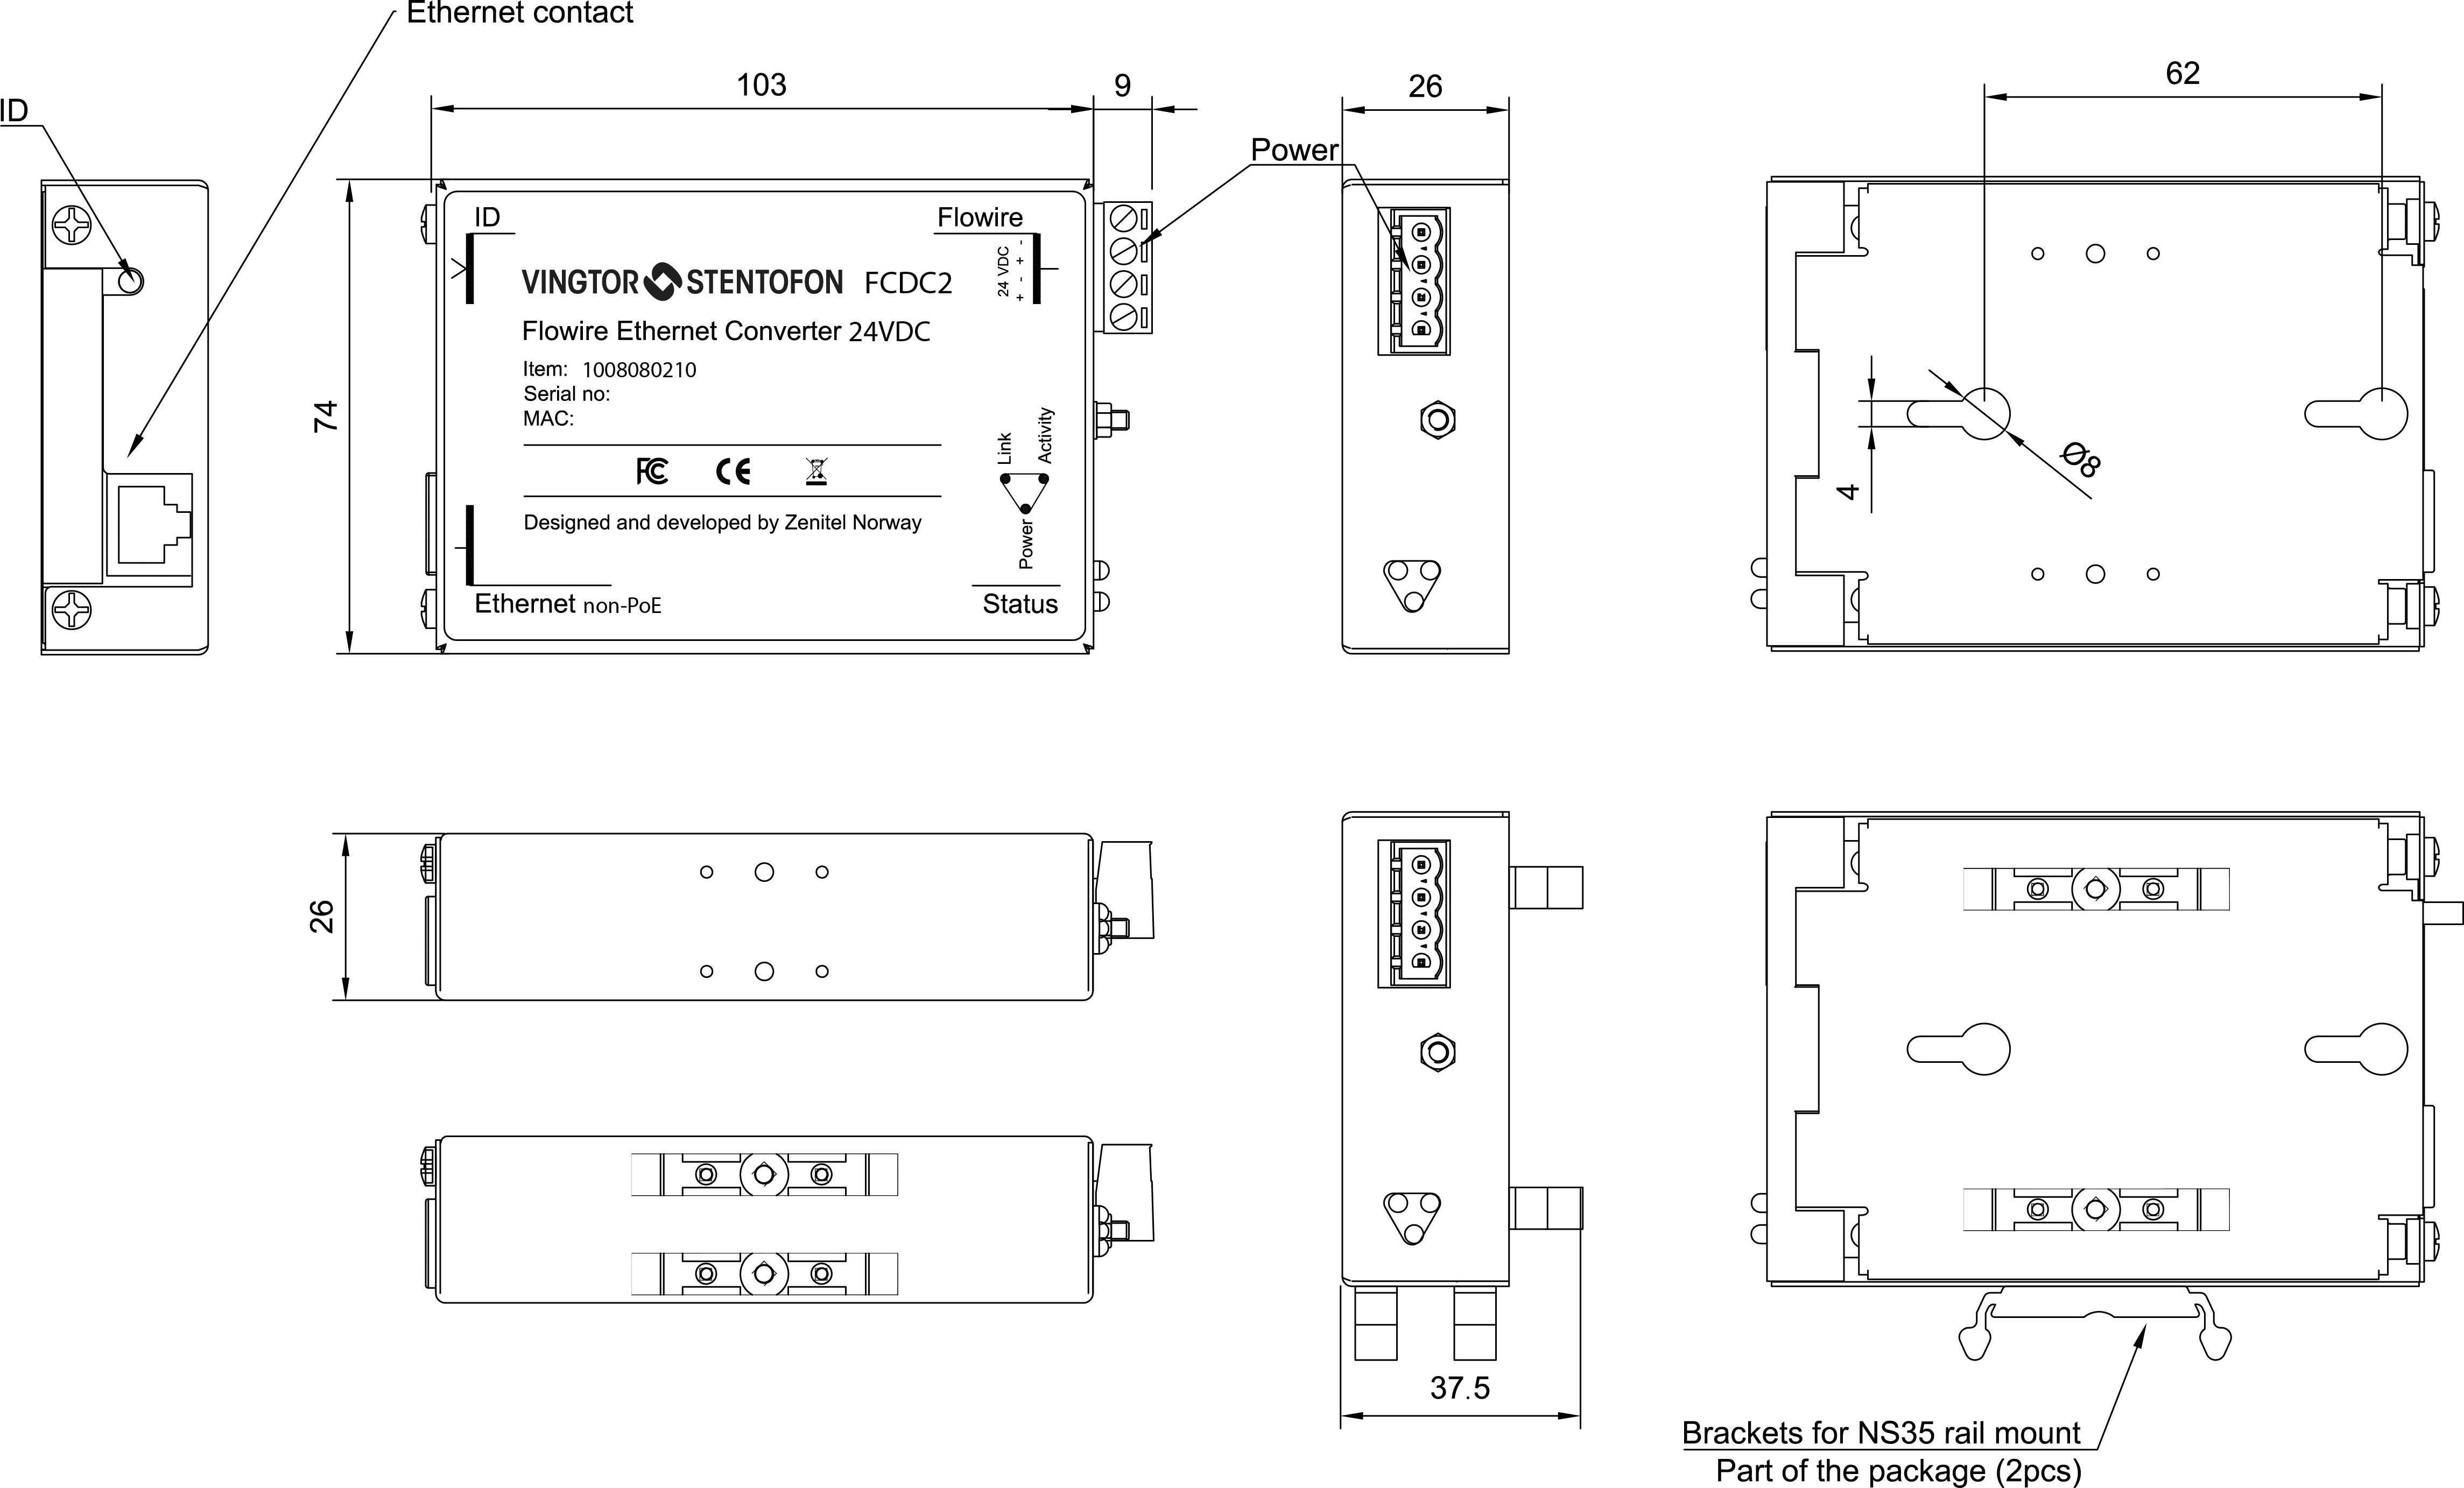 FCDC2_1008080210_Flowire_Ethernet_Converter fcdc2 zenitel stentofon wiring diagrams at bakdesigns.co